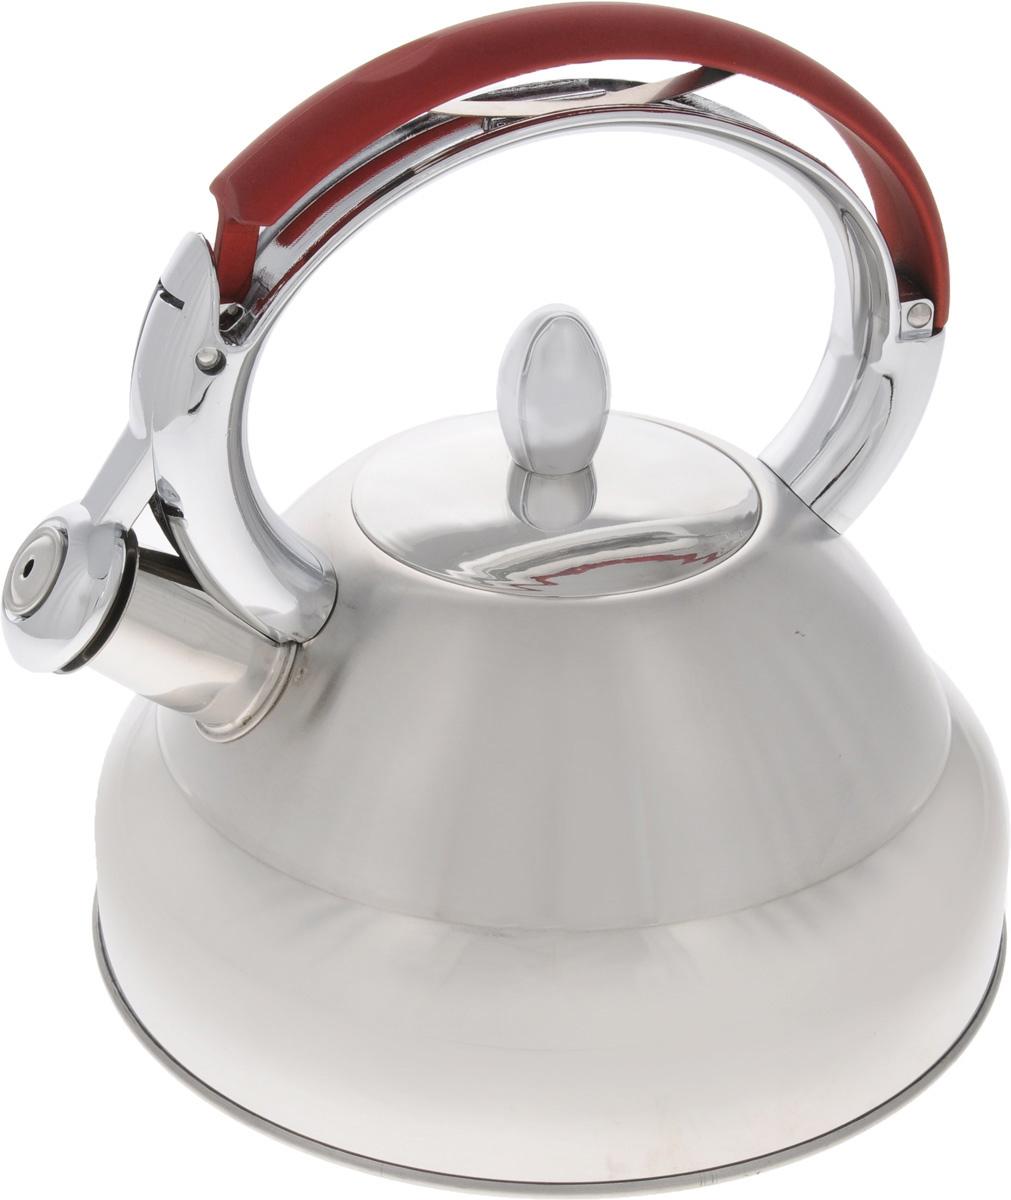 Чайник Mayer & Boch, со свистком, 3,2 л. 32913291Чайник Mayer & Boch выполнен из высококачественной нержавеющей стали, что делает его весьма гигиеничным и устойчивым к износу при длительном использовании. Чайник оснащен неподвижной металлической ручкой и откидным свистком, который громким сигналом подскажет, когда вода закипела. Подходит для газовых, электрических, стеклокерамических и индукционных плит. Можно мыть в посудомоечной машине. Диаметр (по верхнему краю): 9 см. Диаметр основания: 22 см. Диаметр индукционного диска: 17.5 см.Высота чайника (с учетом ручки и крышки): 23 см.